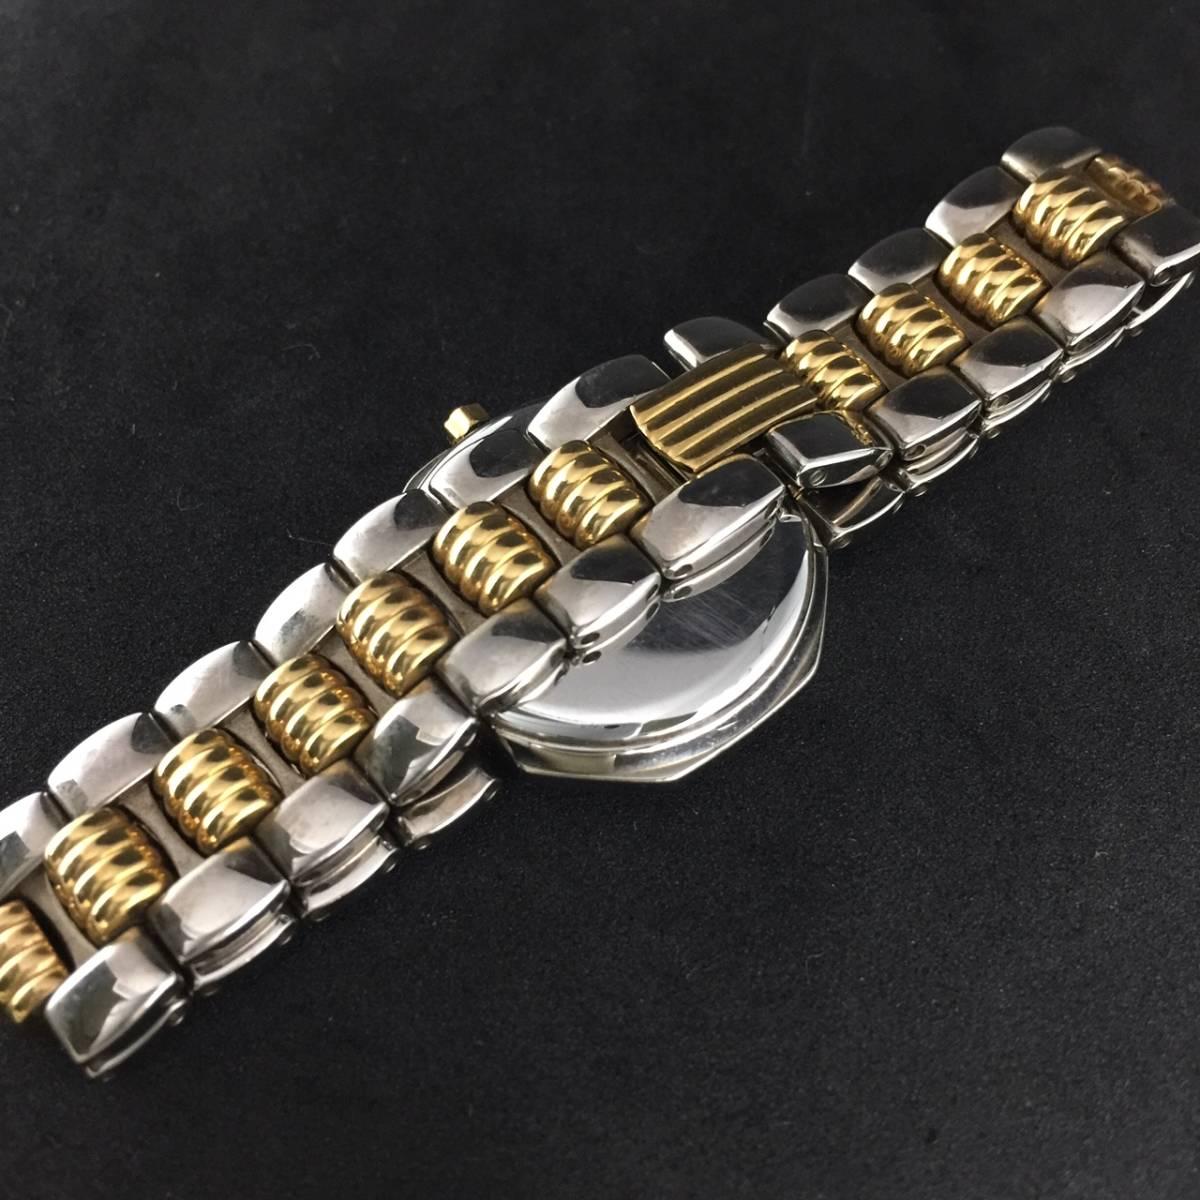 【1円~】Christian Dior クリスチャンディオール 腕時計 レディース D48-203 オクタゴン デイト コンビ 可動品_画像6